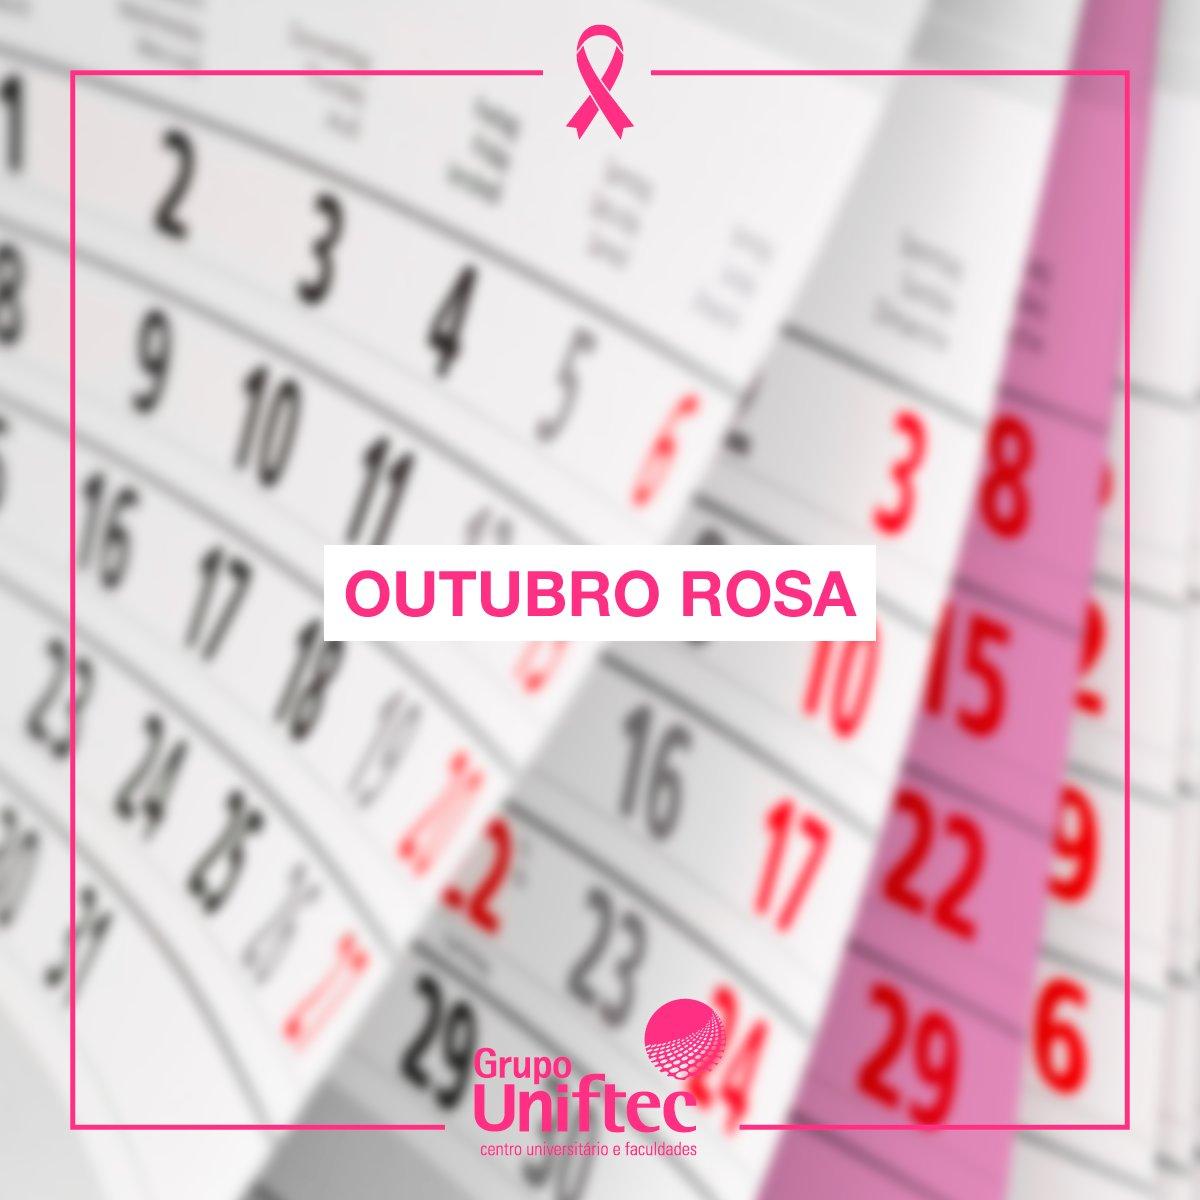 Todos pela conscientização do Outubro Rosa. #CâncerdeMama #OutubroRosa #Conscientização #UniftecCentroUniversitário #FtecFaculdades https://t.co/o06JGnwFk4